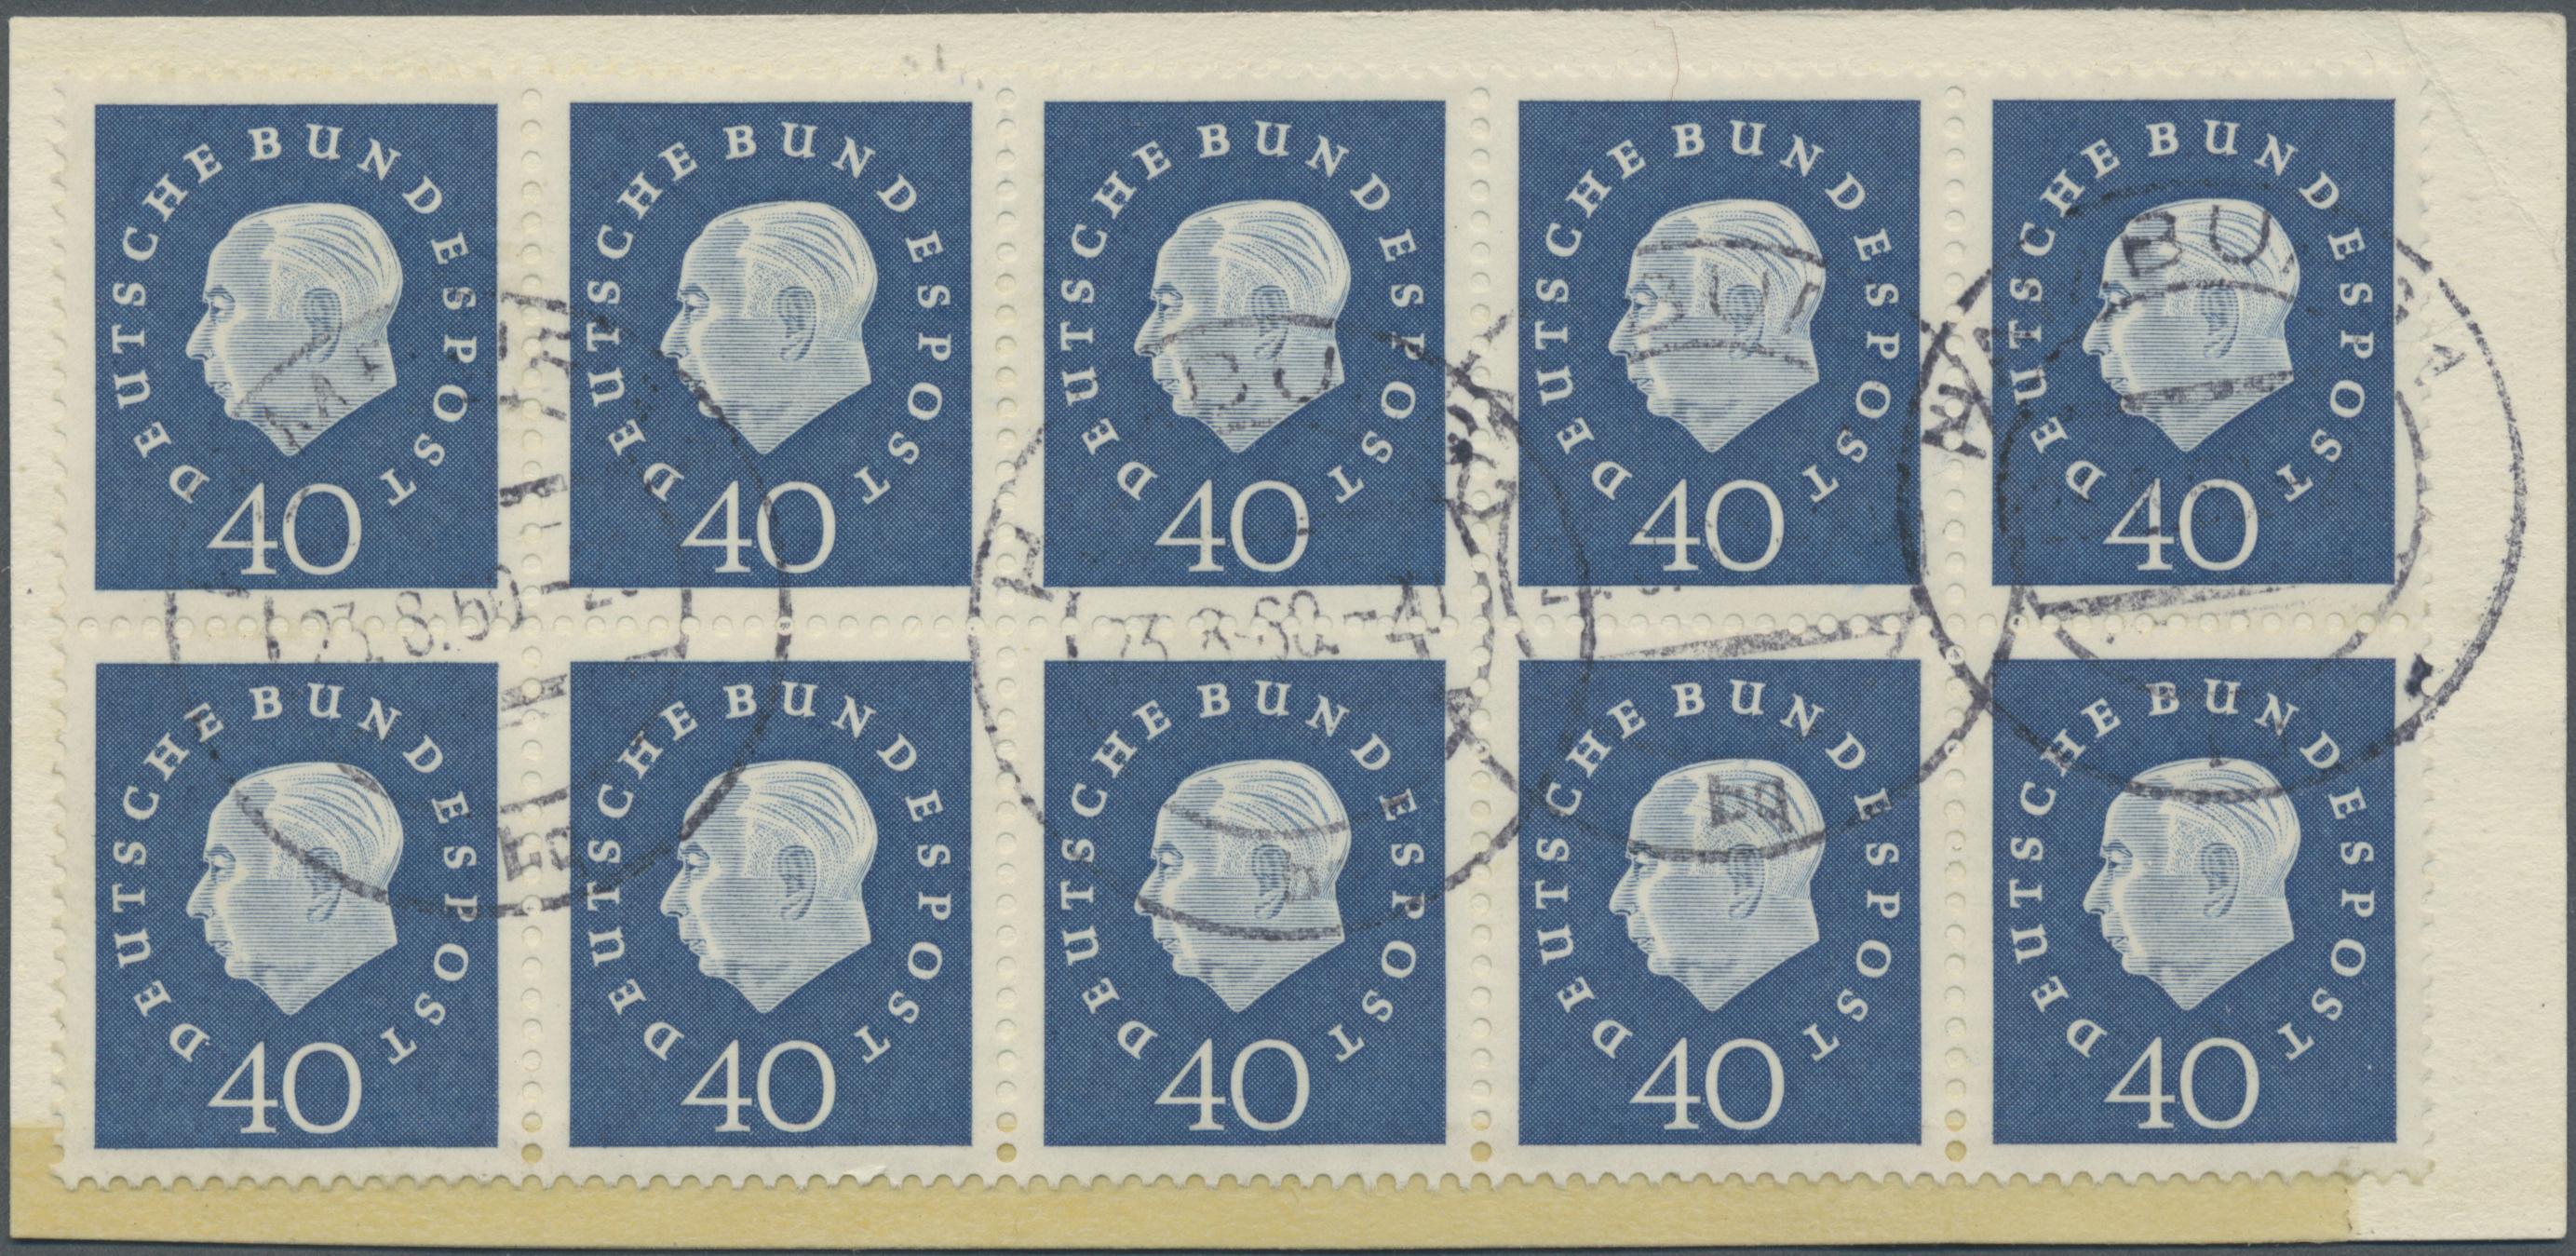 Lot 37626 - bundesrepublik deutschland  -  Auktionshaus Christoph Gärtner GmbH & Co. KG Sale #44 Collections Germany